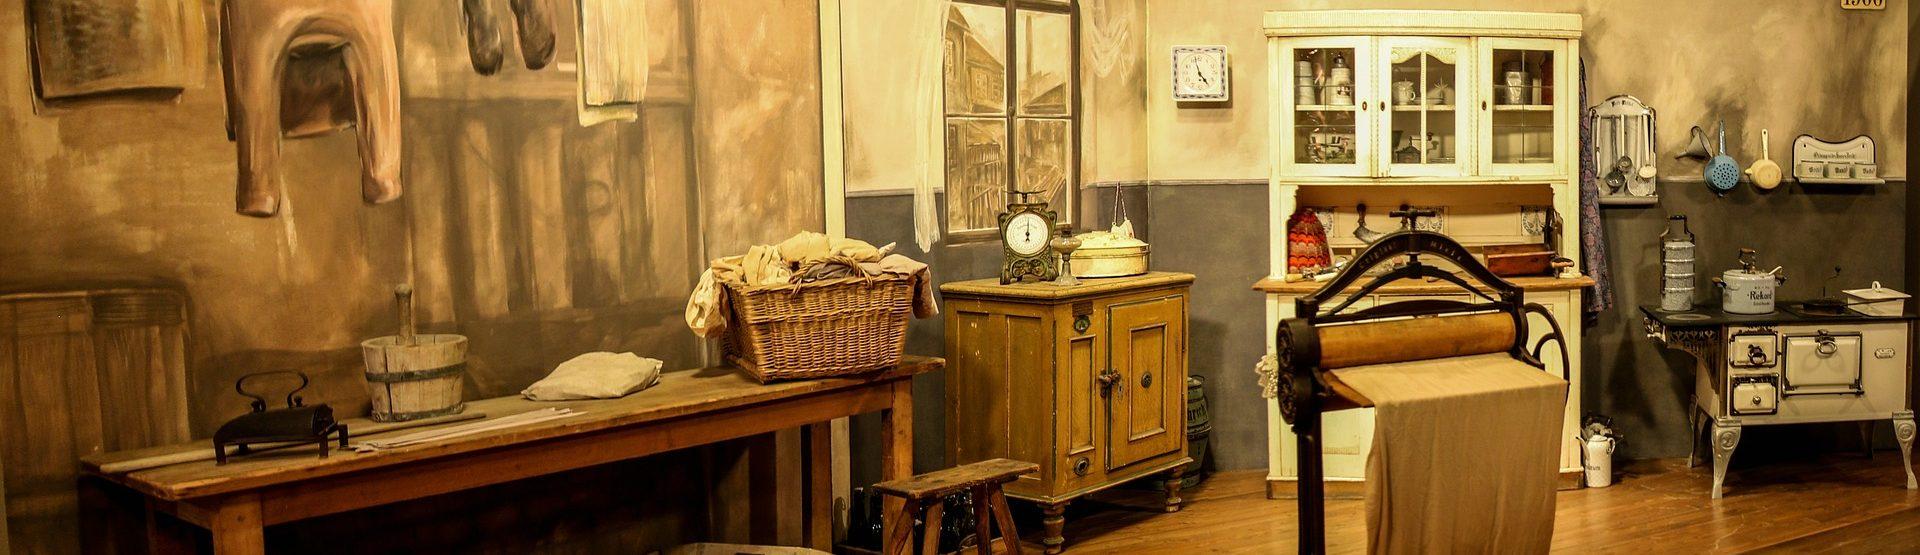 relooking de meubles anciens soyez moderne avec de l ancien soyez unique. Black Bedroom Furniture Sets. Home Design Ideas